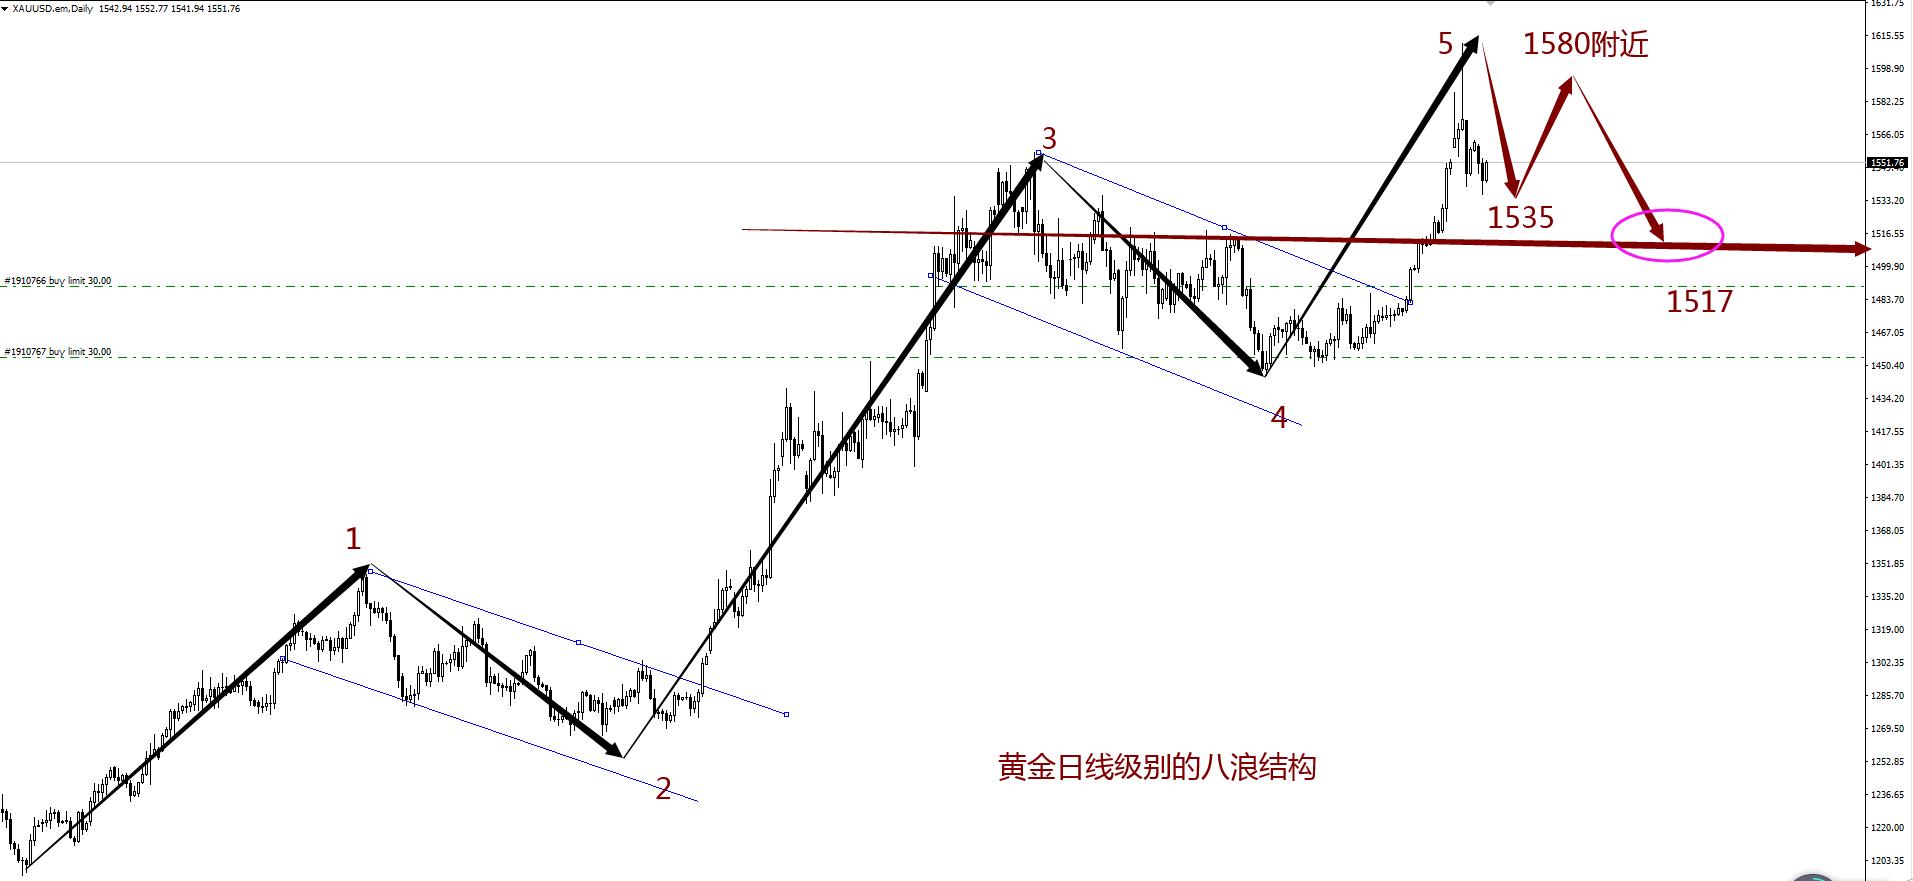 赵博文:黄金突破1550,八浪继续上行,注意上方承压回踩!